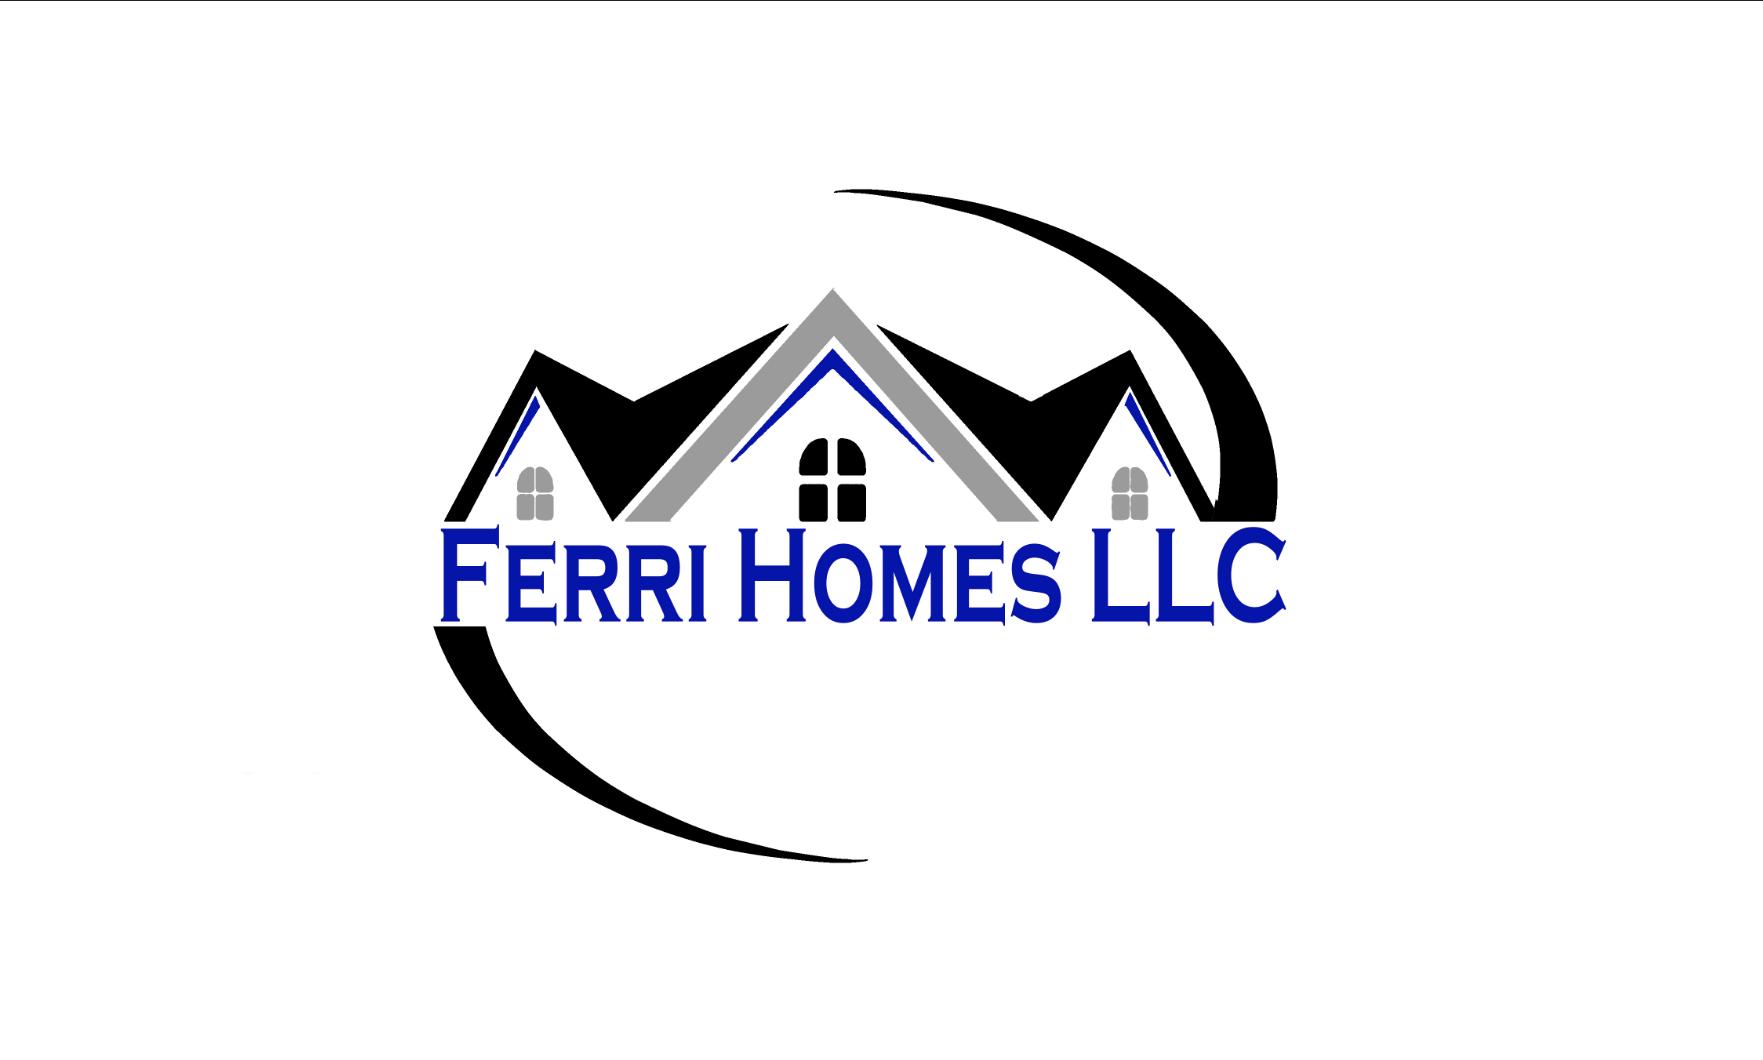 LOGO Ferri Homes LLC (Final).png